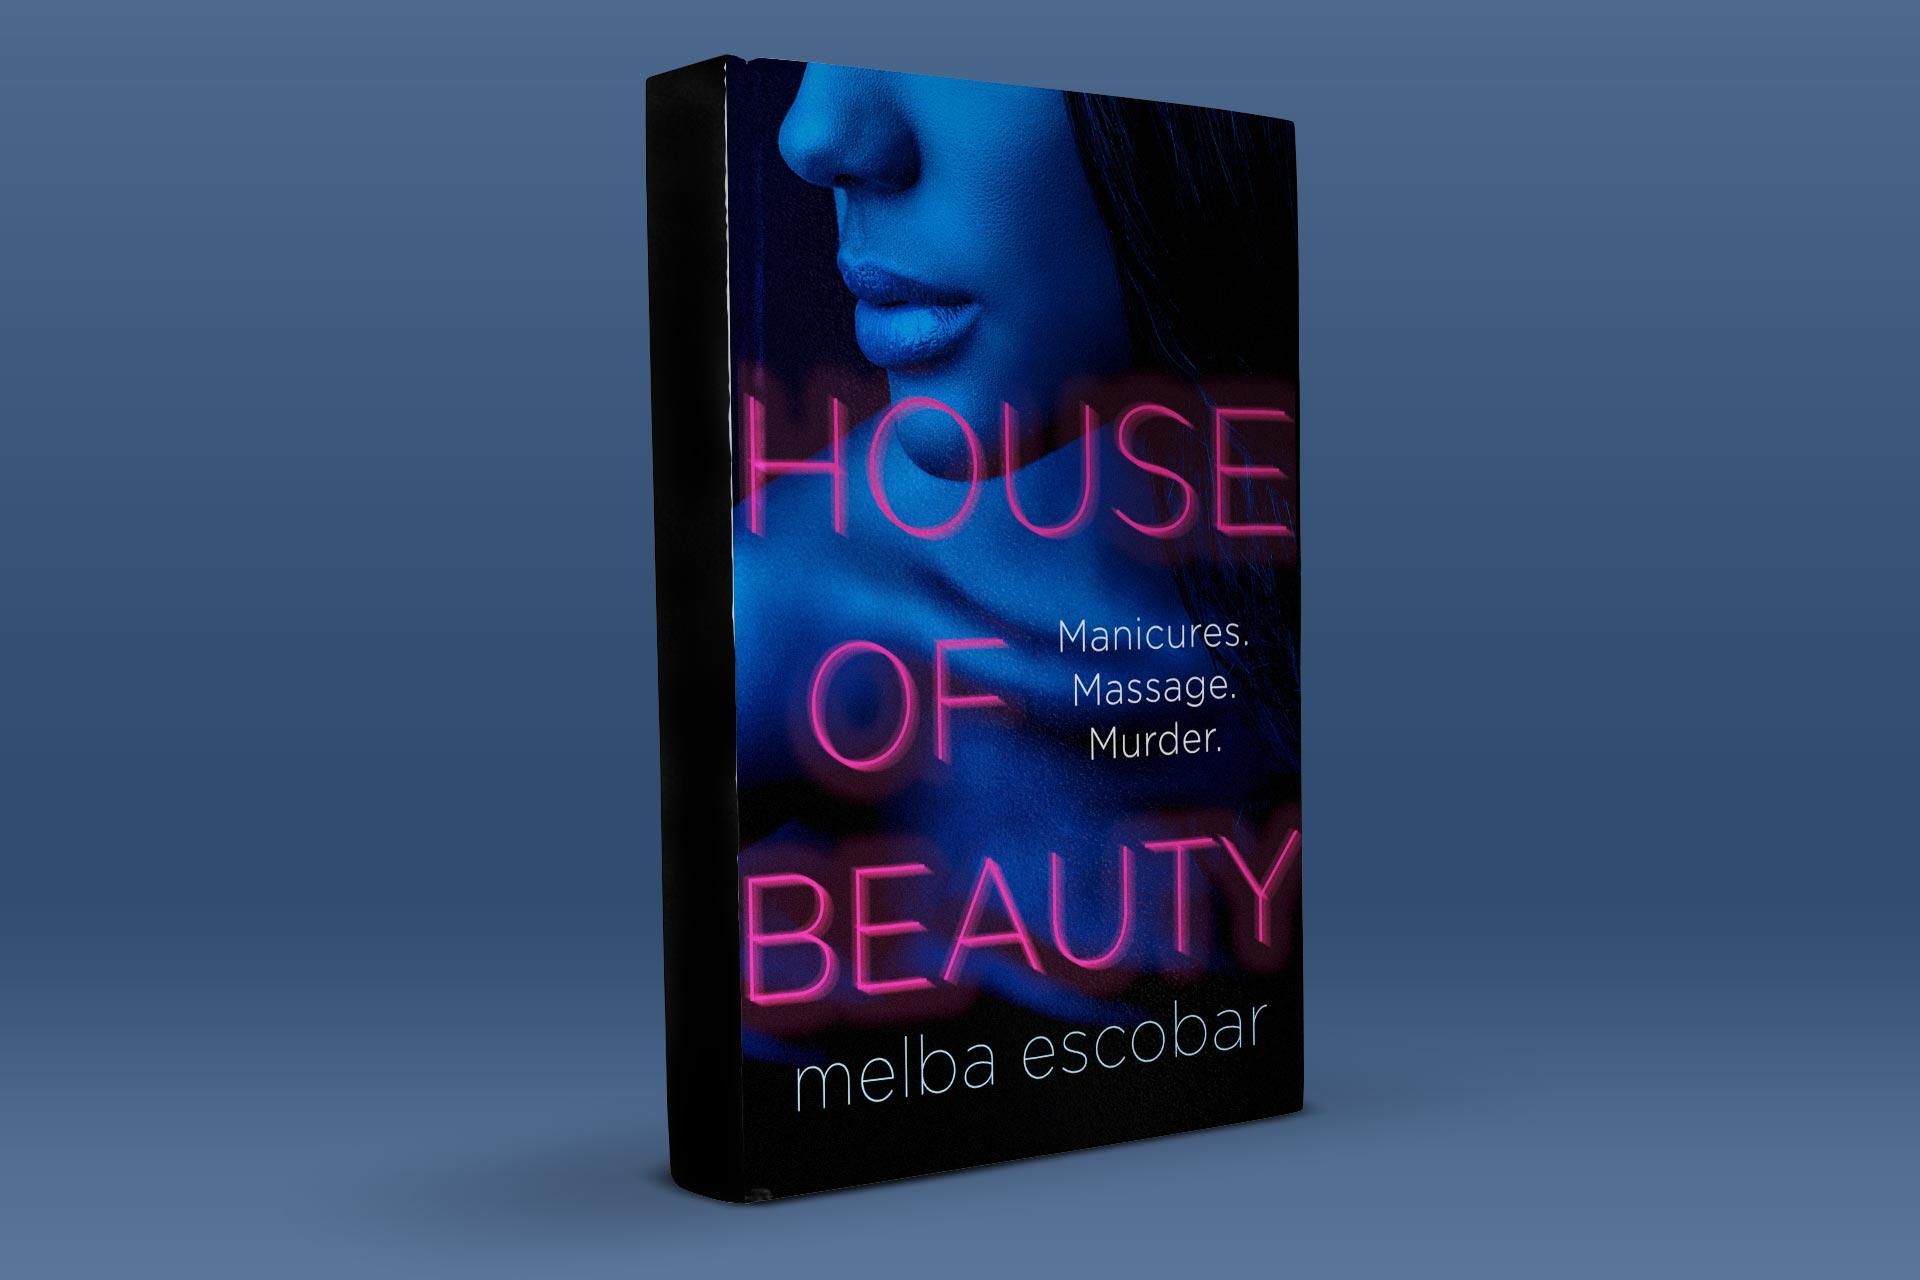 House of Beauty - A New Take on a Crime Novel